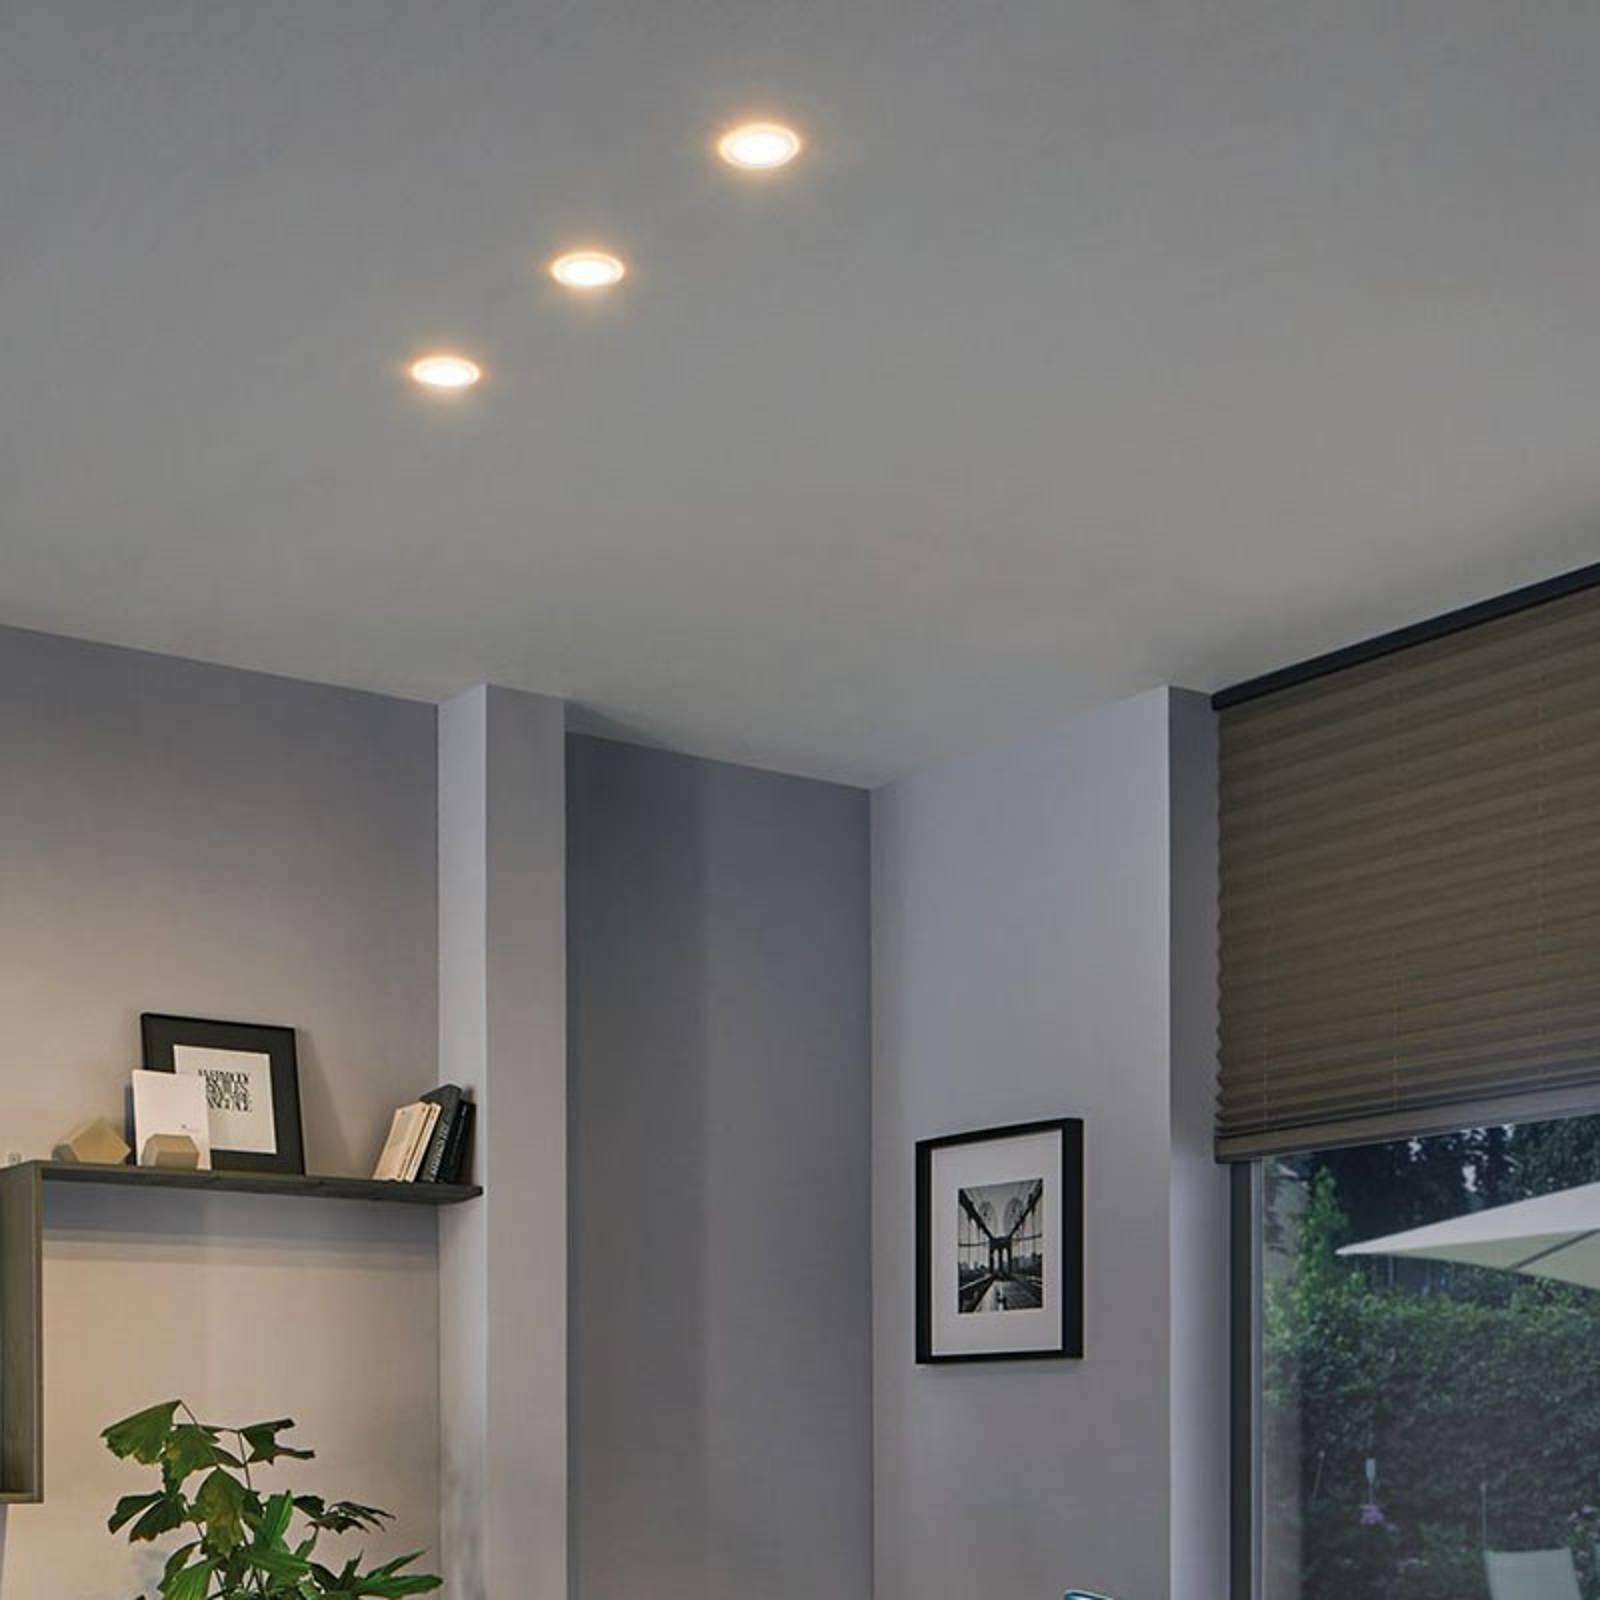 Paulmann Suon -LED-uppovalo, himmennettävä, 3 kpl